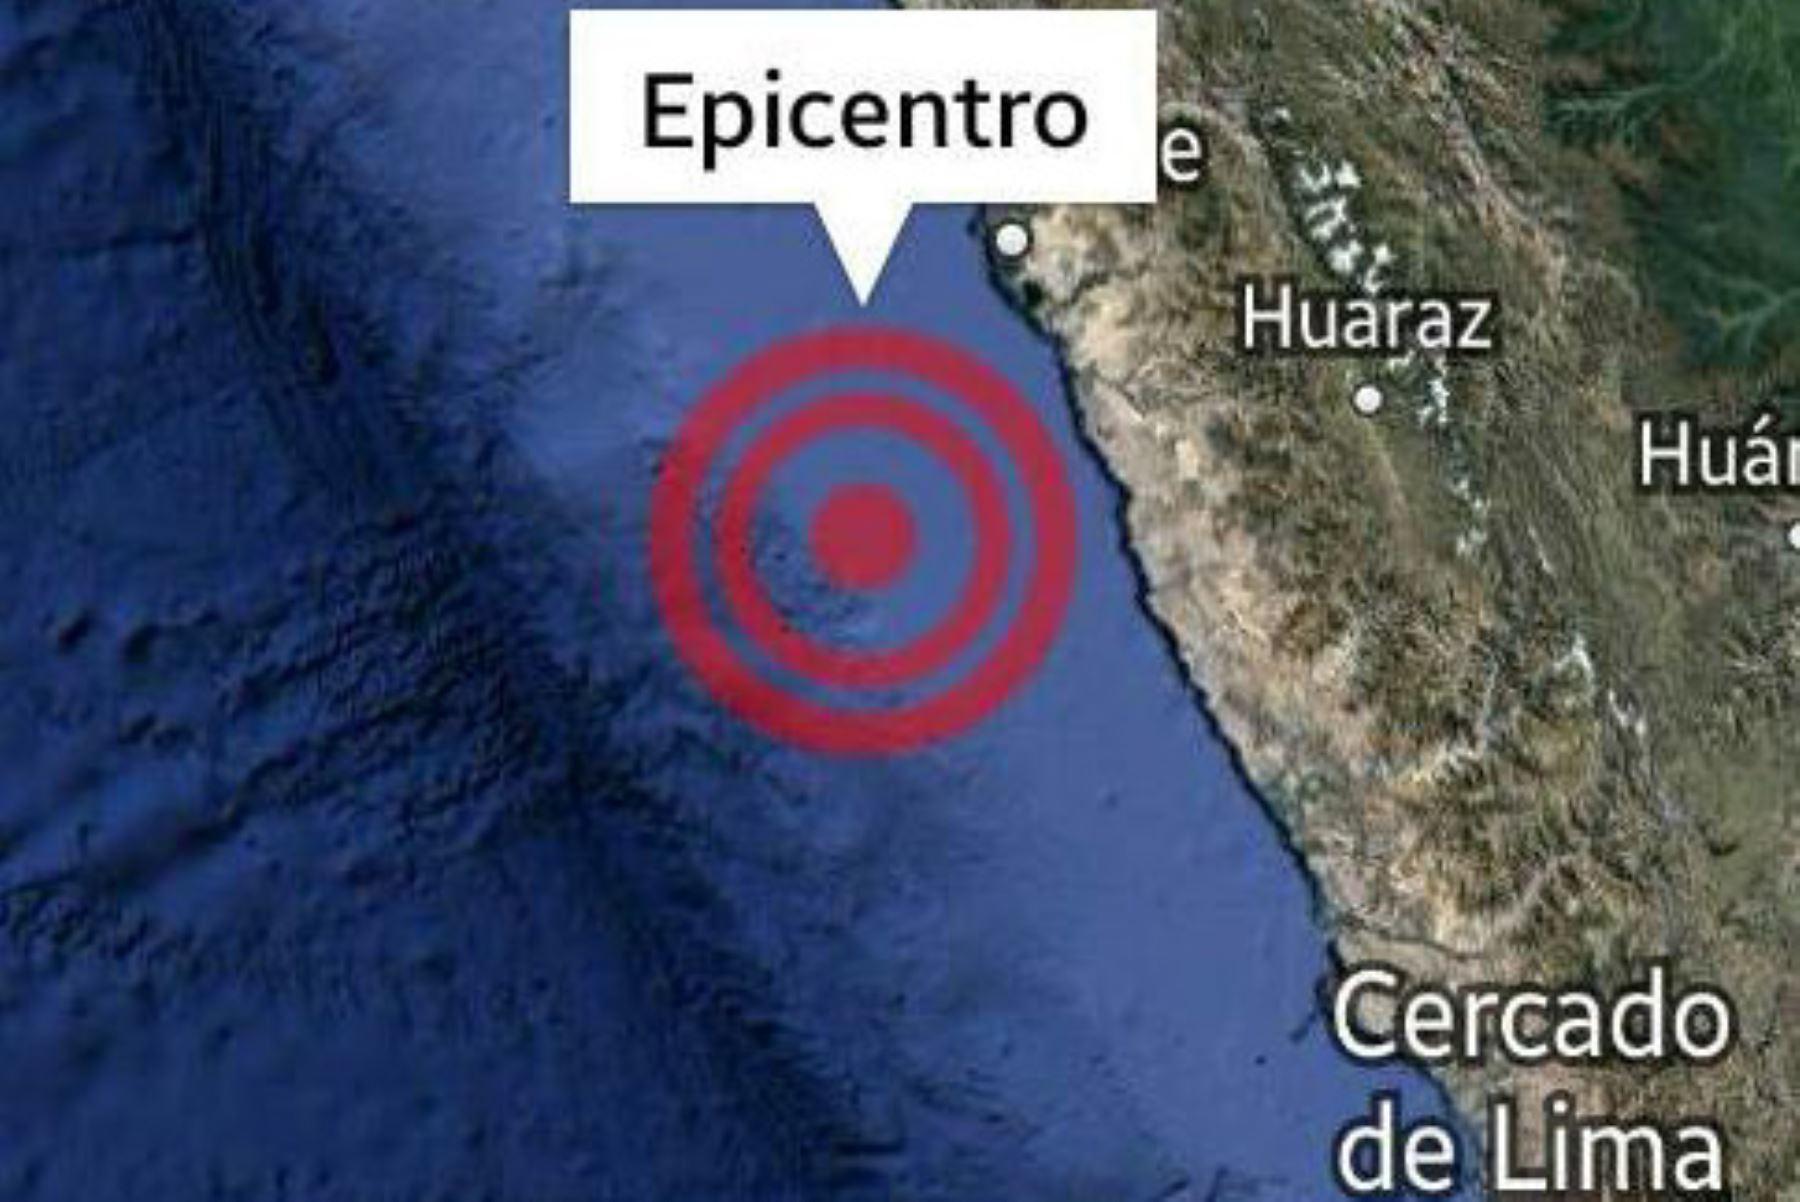 Epicentro del fuerte sismo de magnitud 5.7 se ubicó en el océano Pacífico, cerca de Casma.